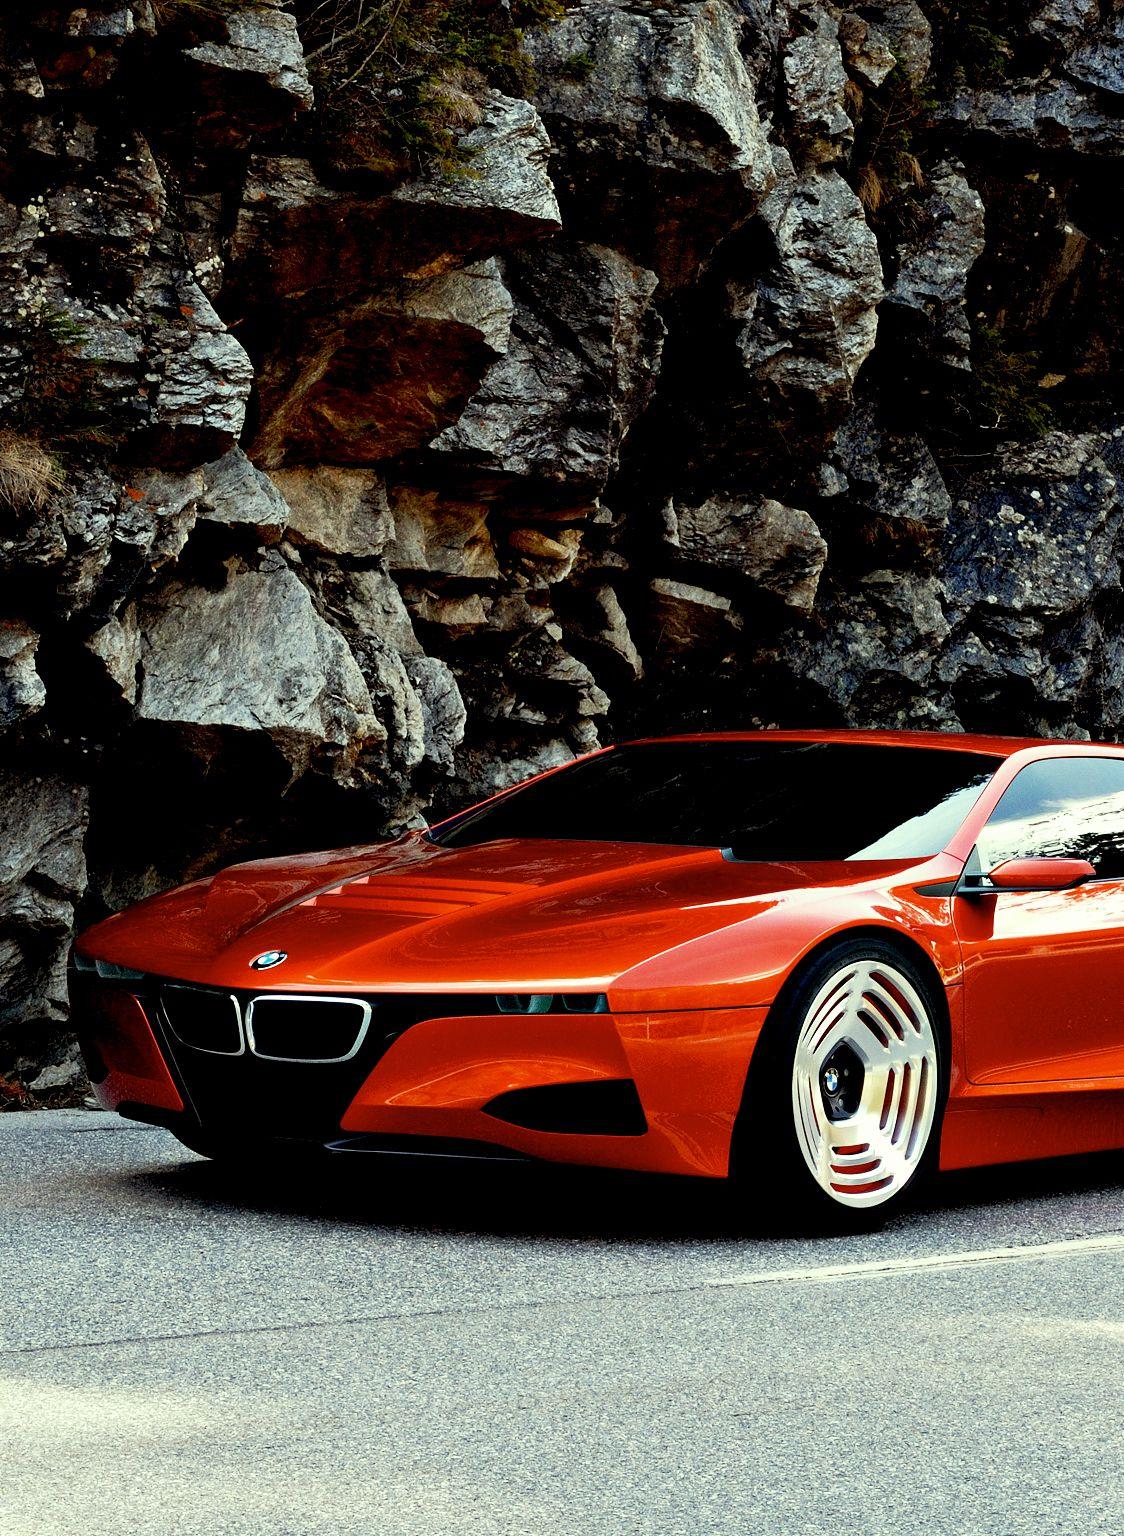 Wild BMW concept